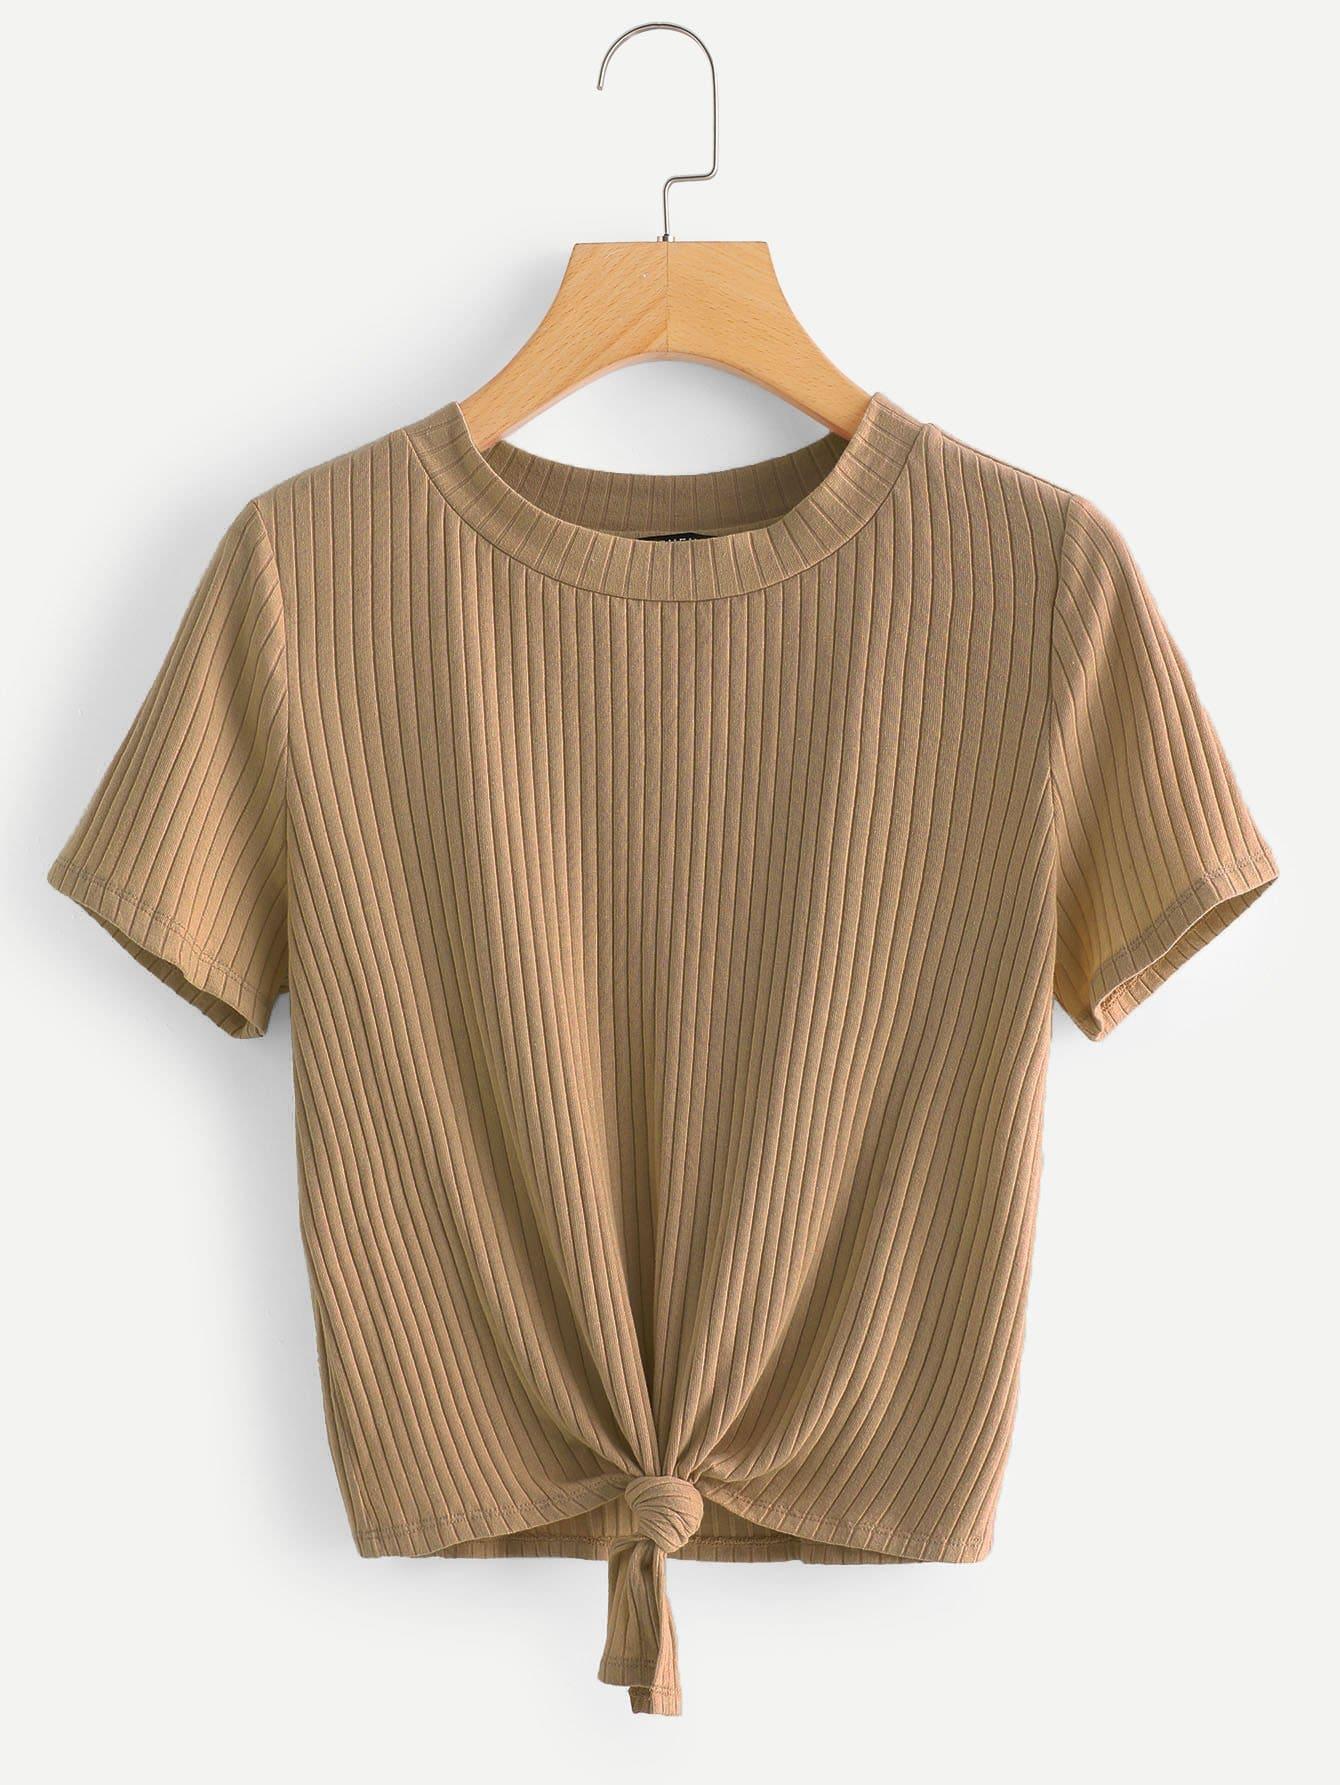 Купить Простая футболка с рельефными узорами и бантом, null, SheIn